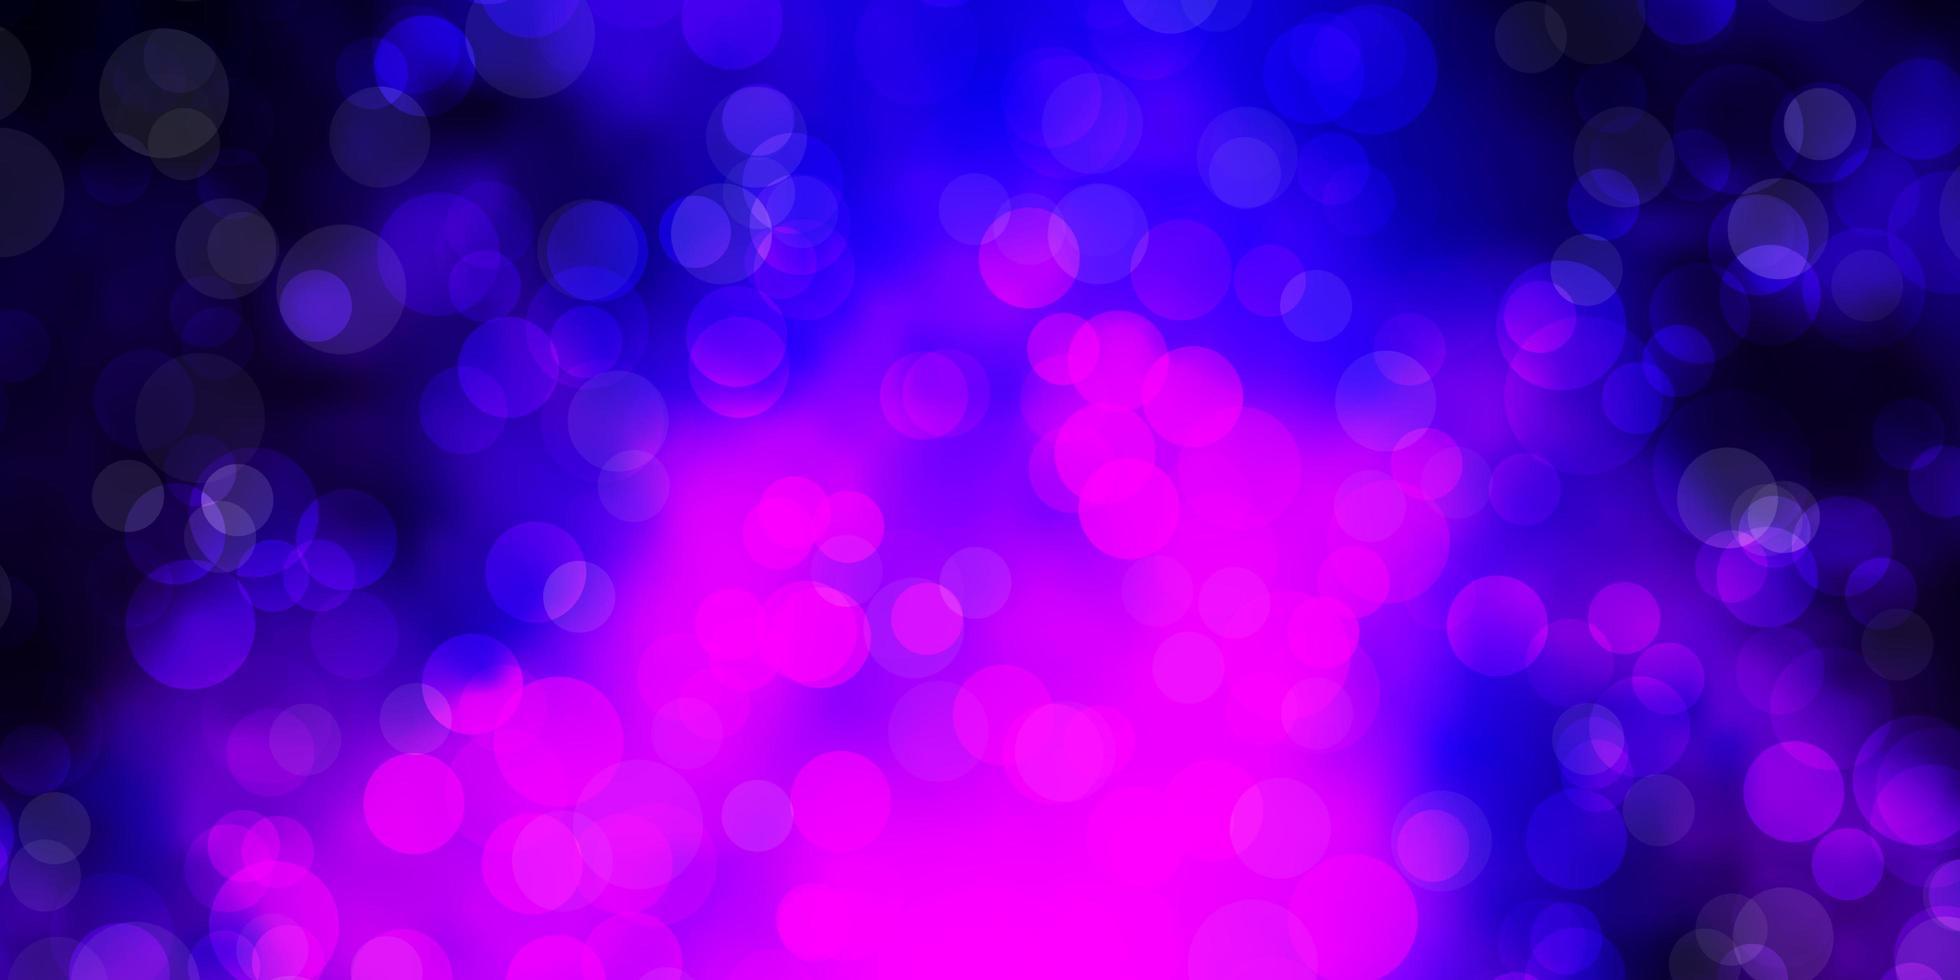 Fondo de vector púrpura oscuro con burbujas.